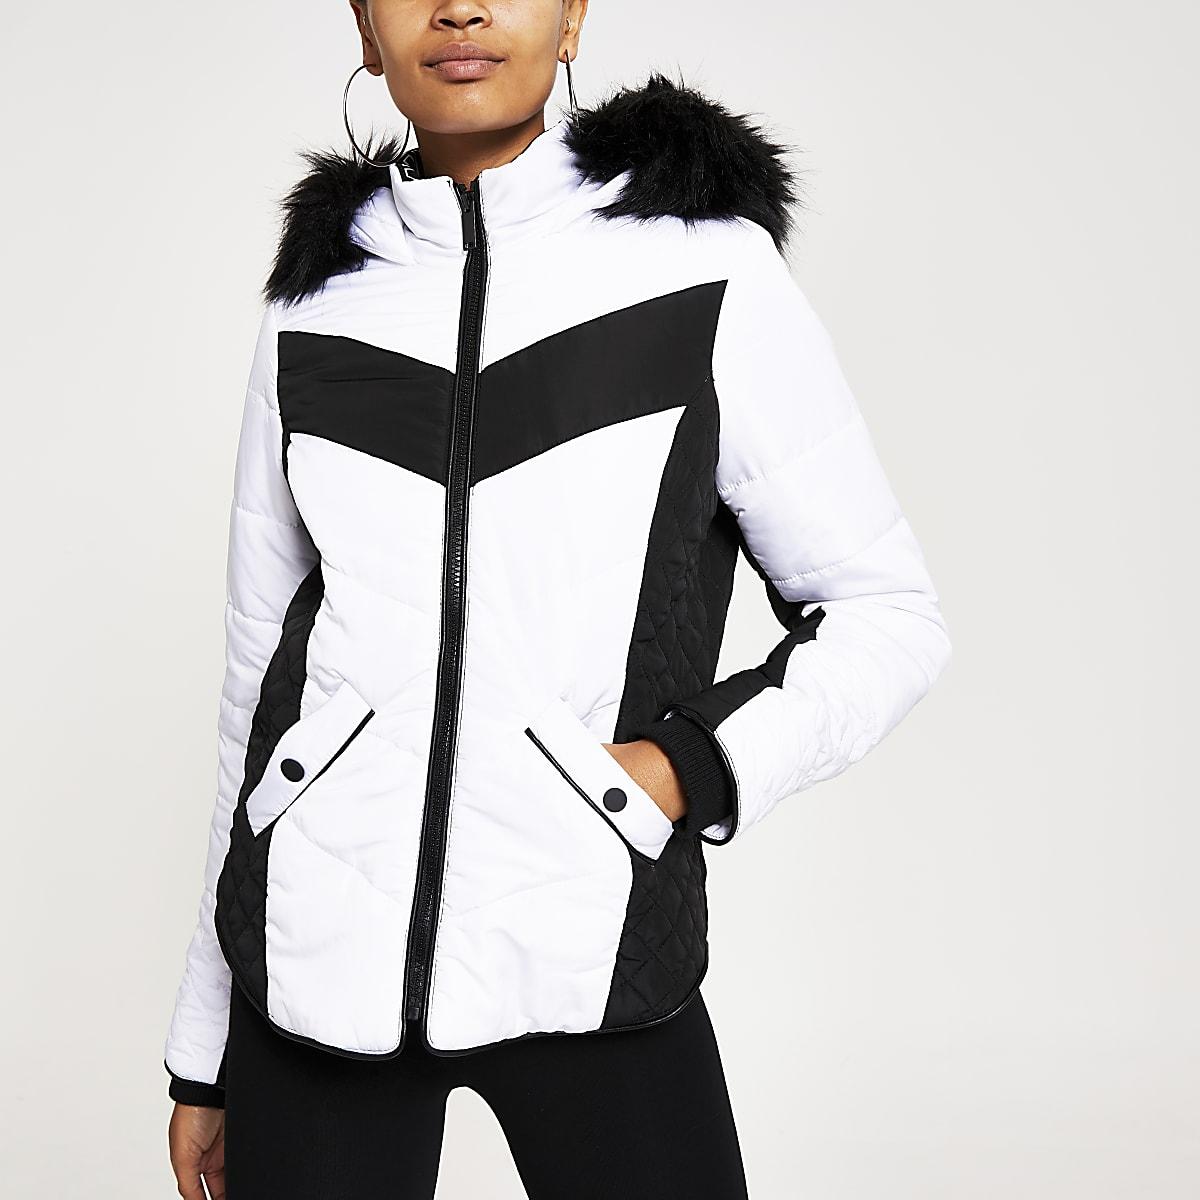 Veste à capuche blanche matelassée avec fourrure synthétique